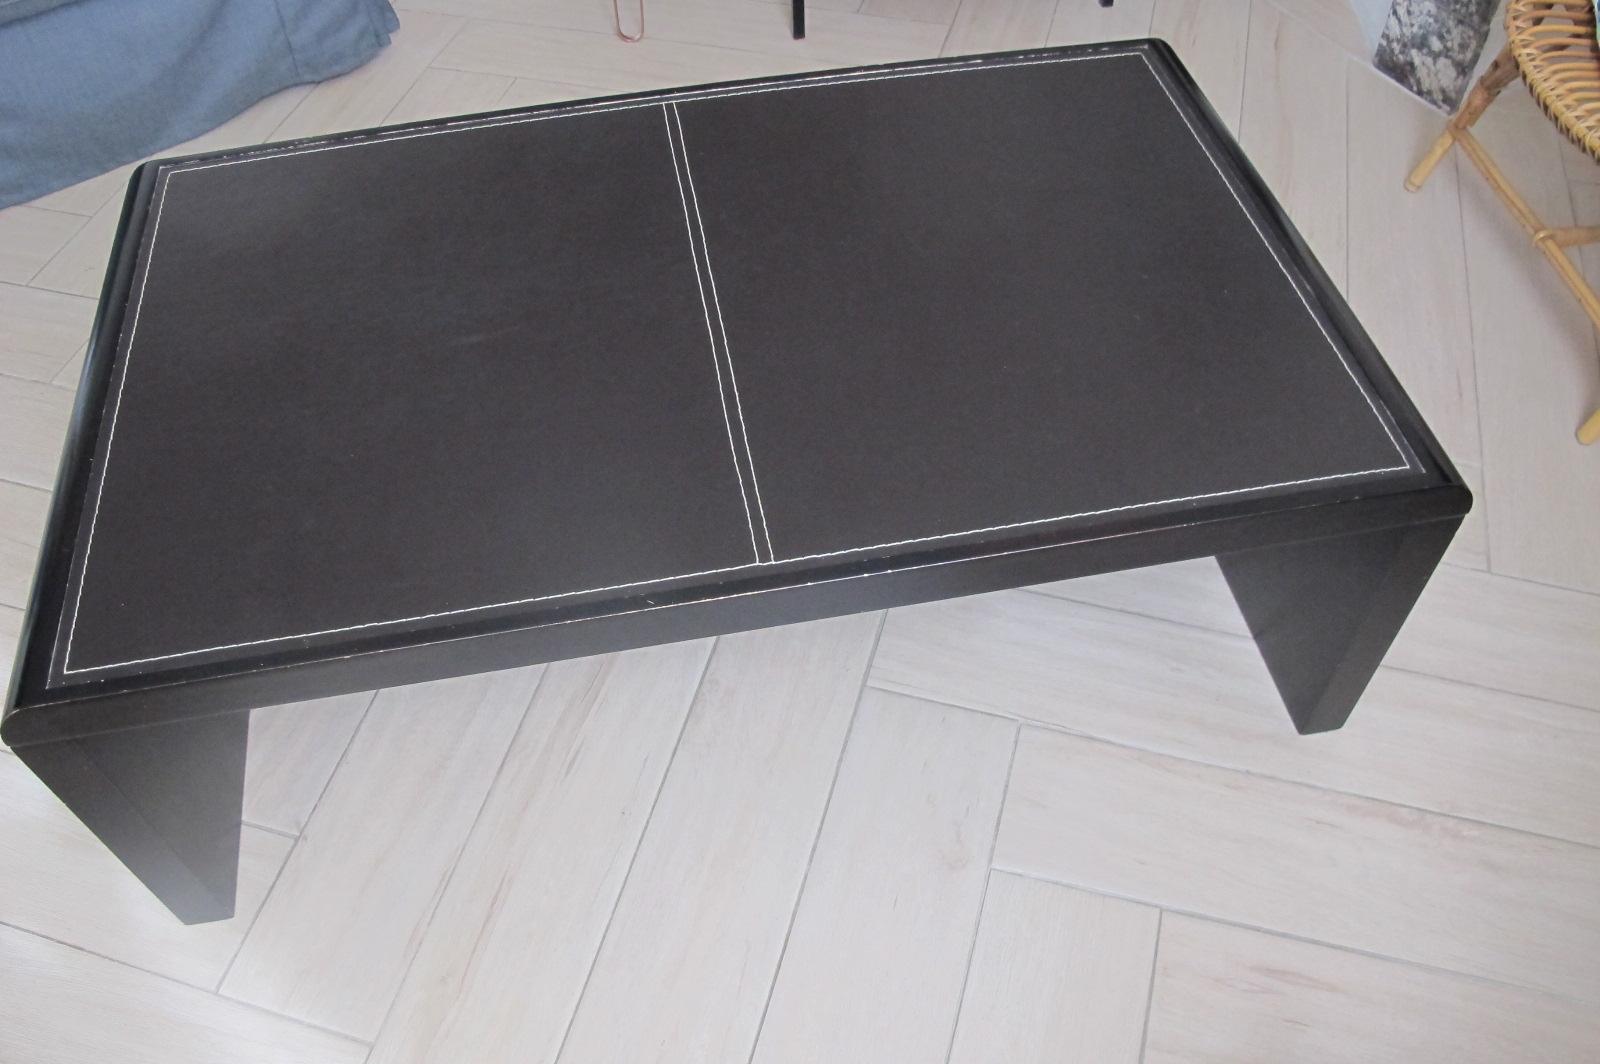 table_basse_cuir_marron_foncé_70x118_cm_50_€